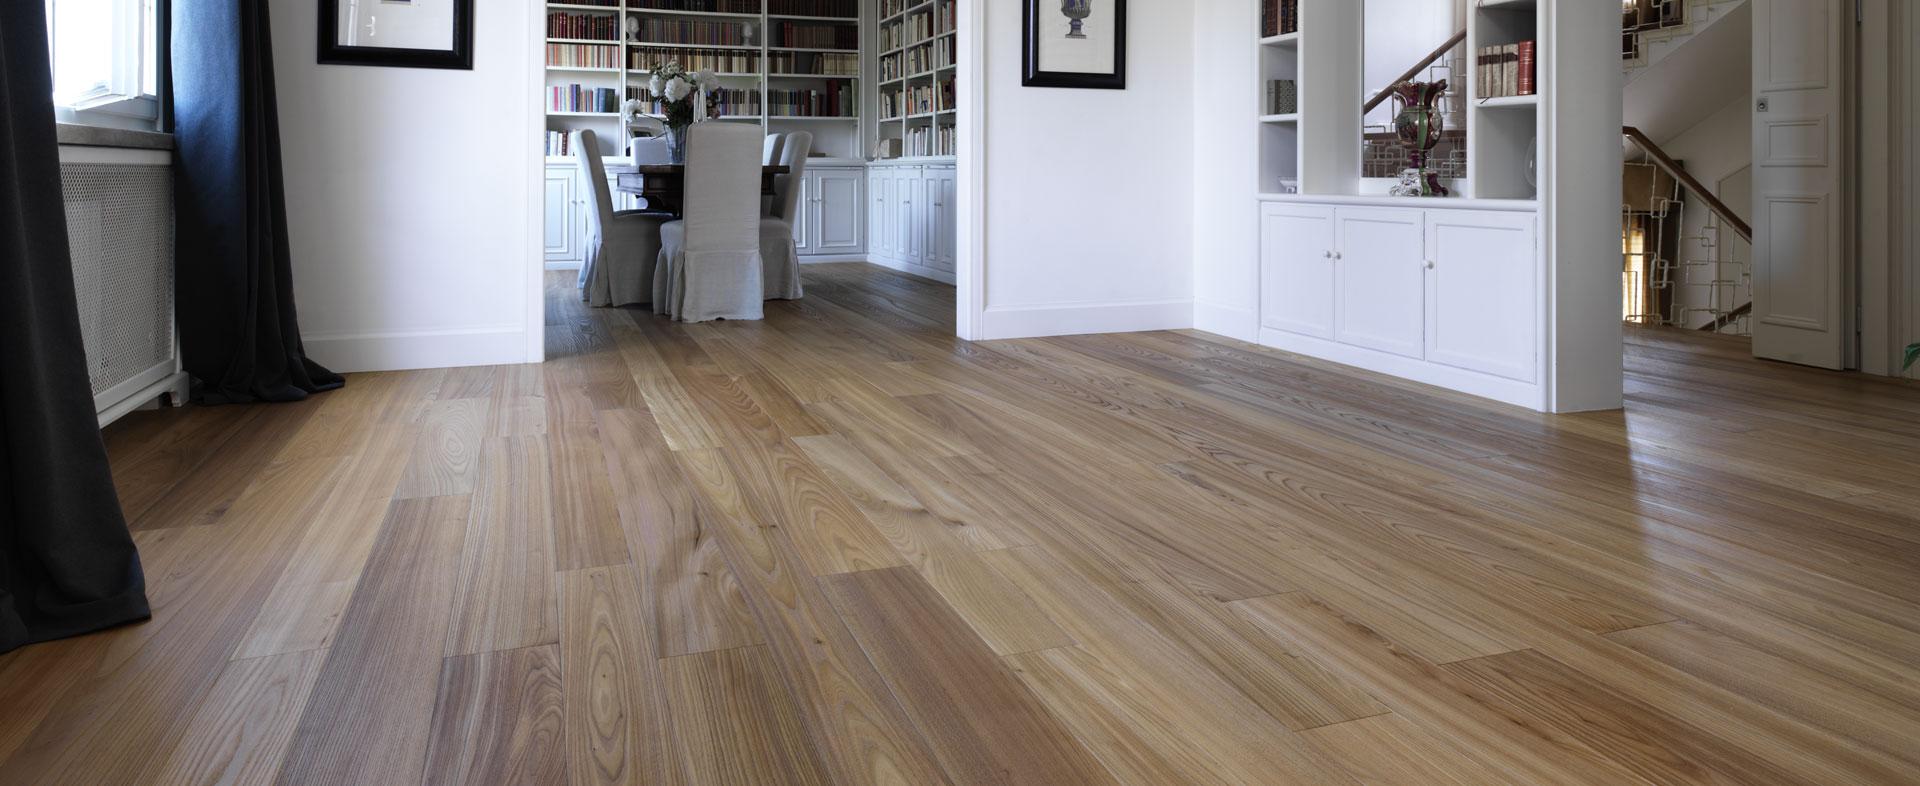 Listoni Parquet e pavimenti in legno Made in Italy Cadorin Sito Ufficiale